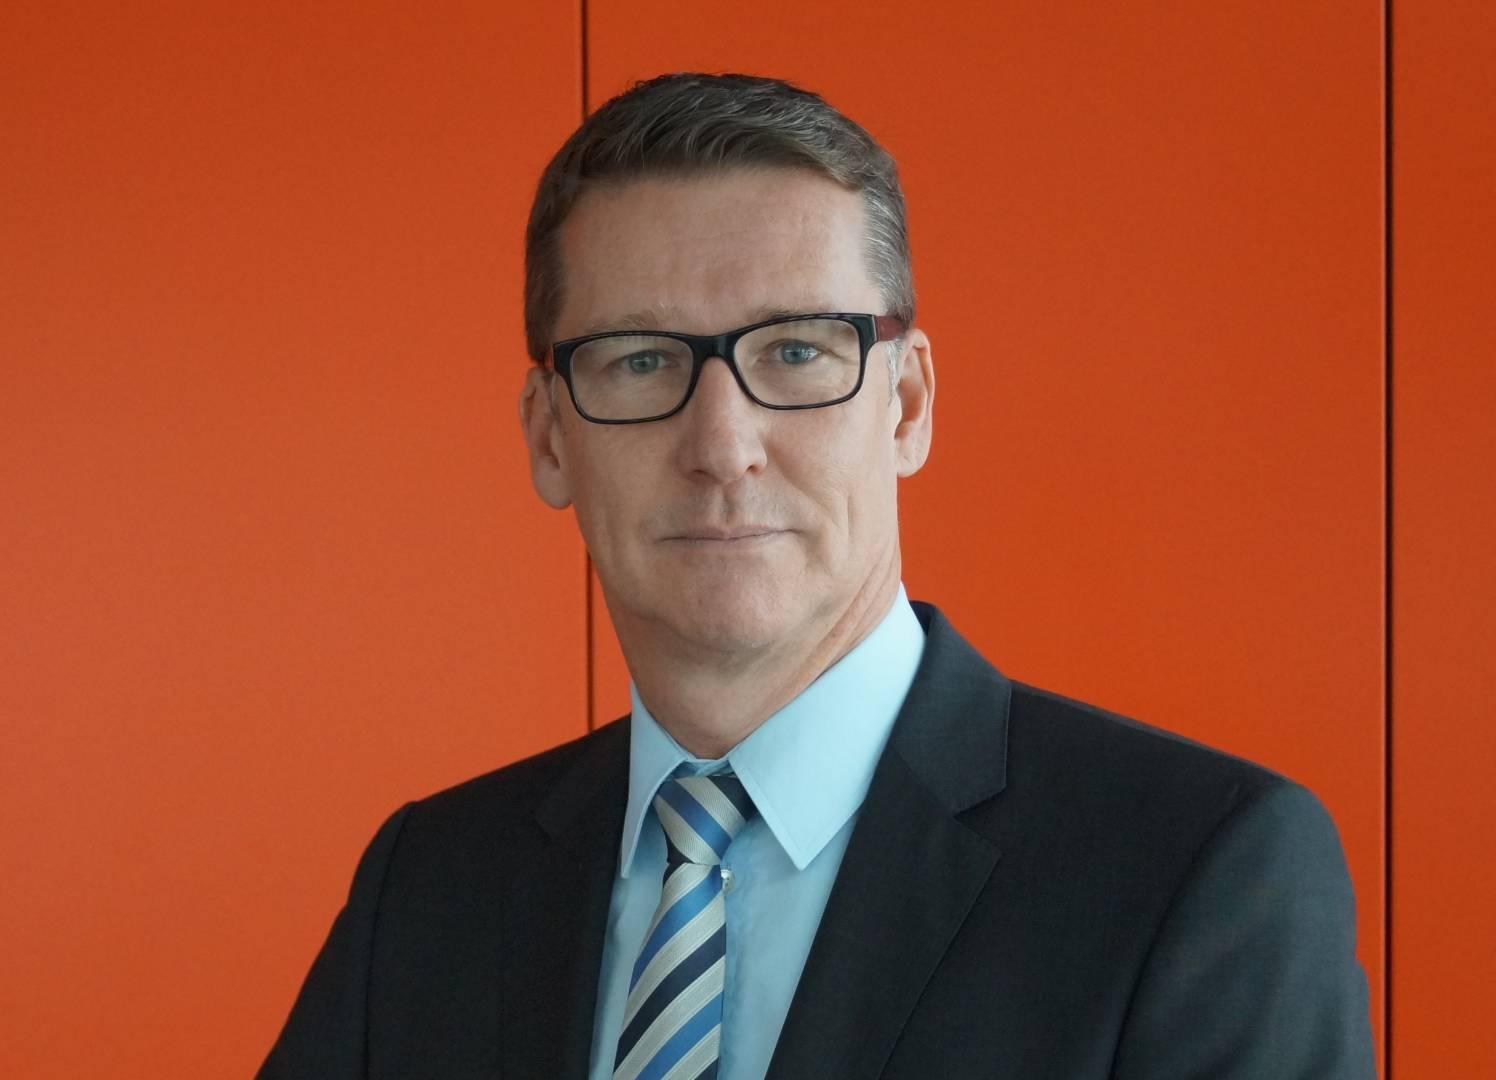 Stephan Horten, IoT-Experte bei Vodafone